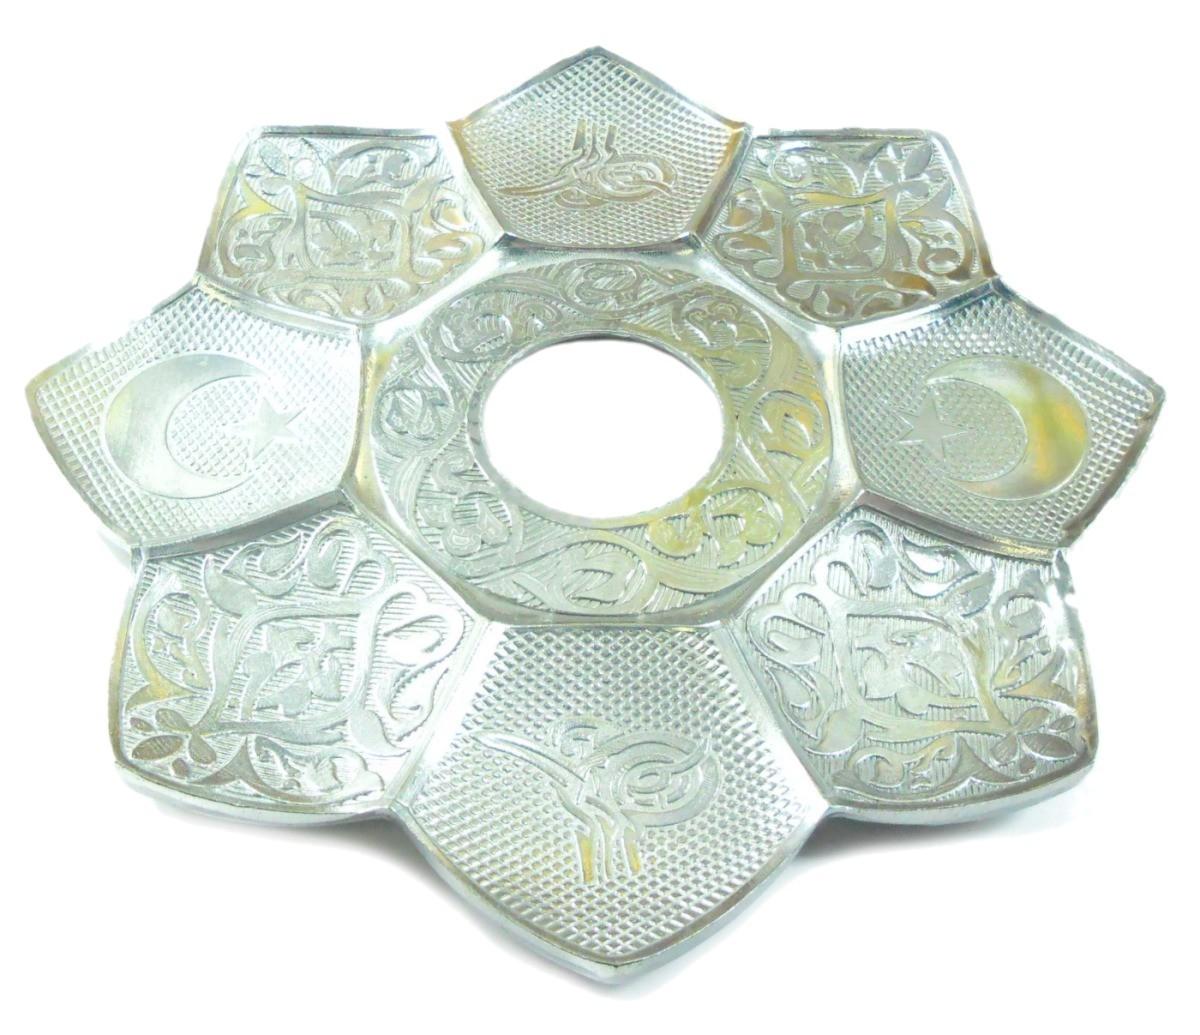 Prato para narguile marca Md Hookah 21cm de diâmetro. Em metal inox e decorado. Cor CROMADO/PRATA.